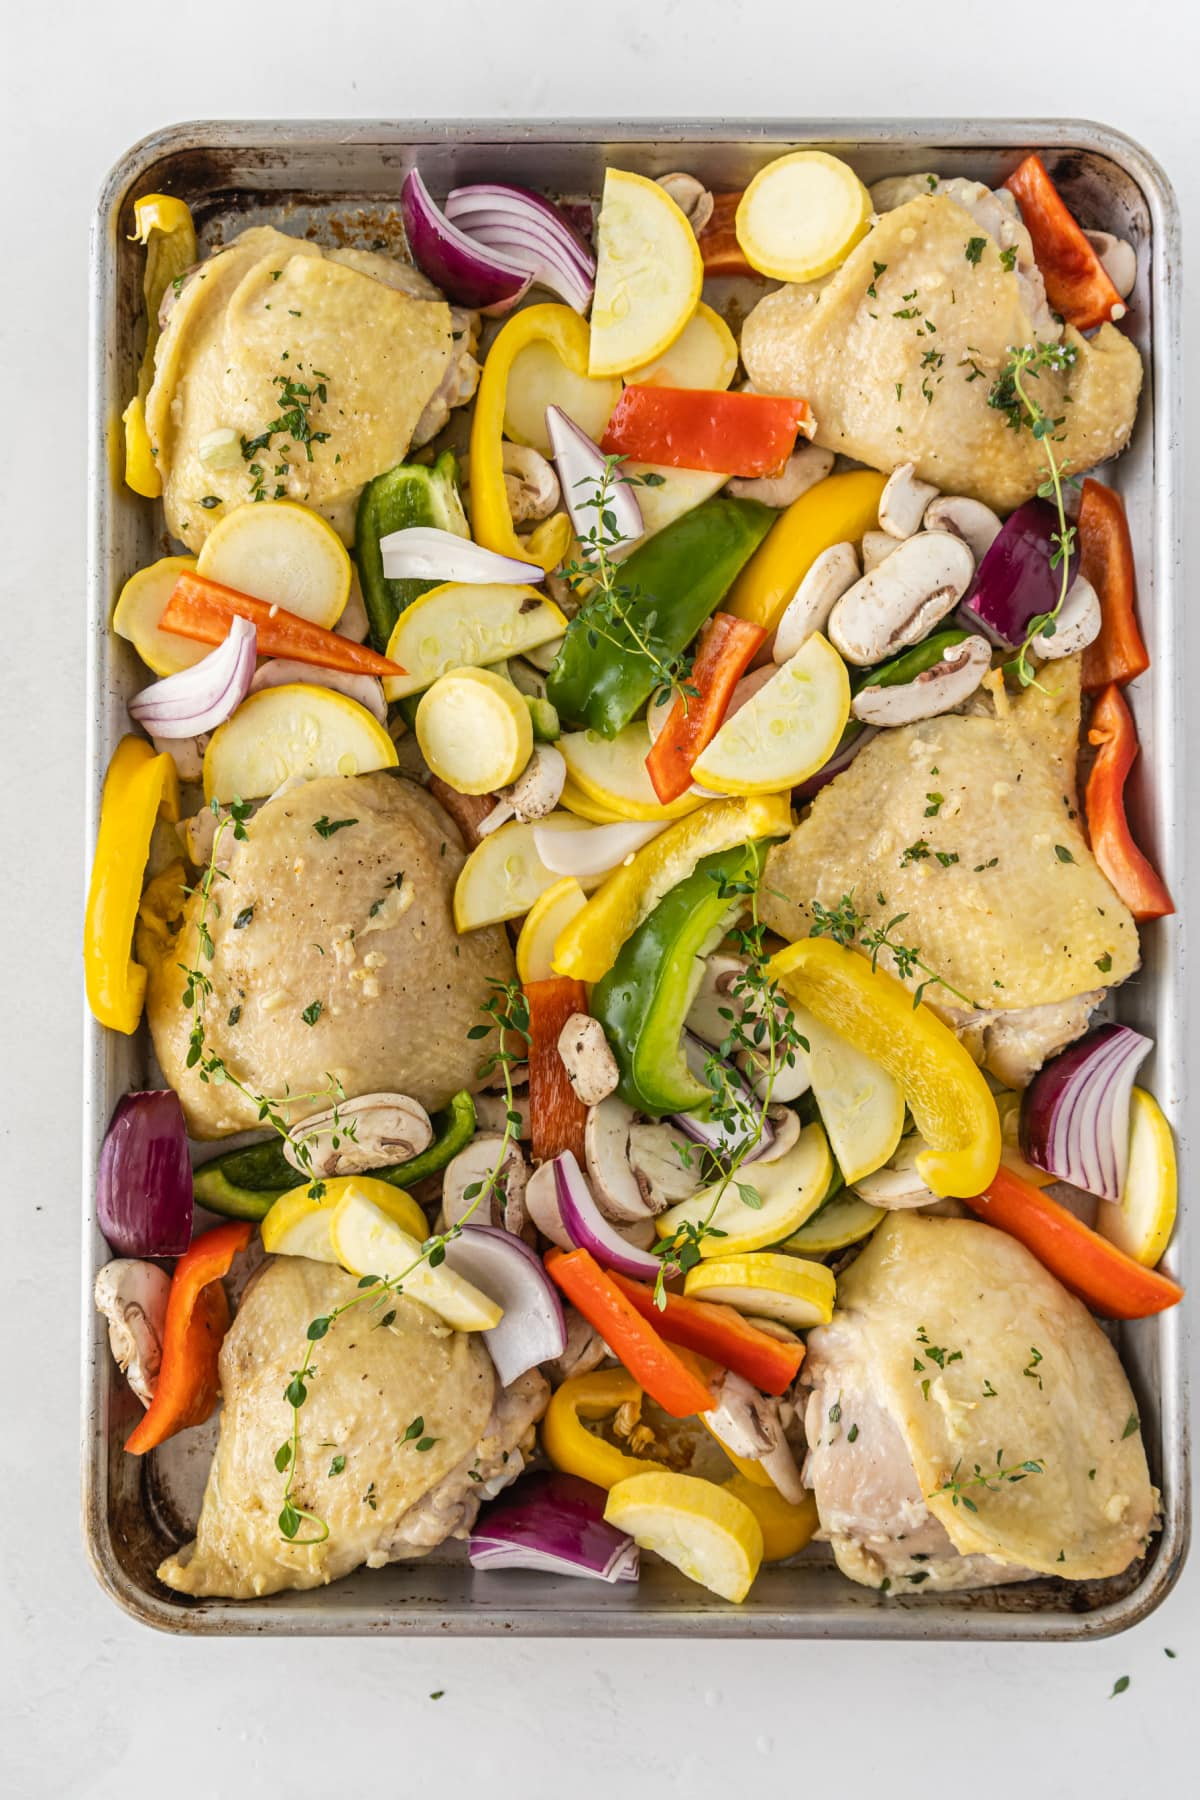 sheet pan chicken on baking sheet with veggies